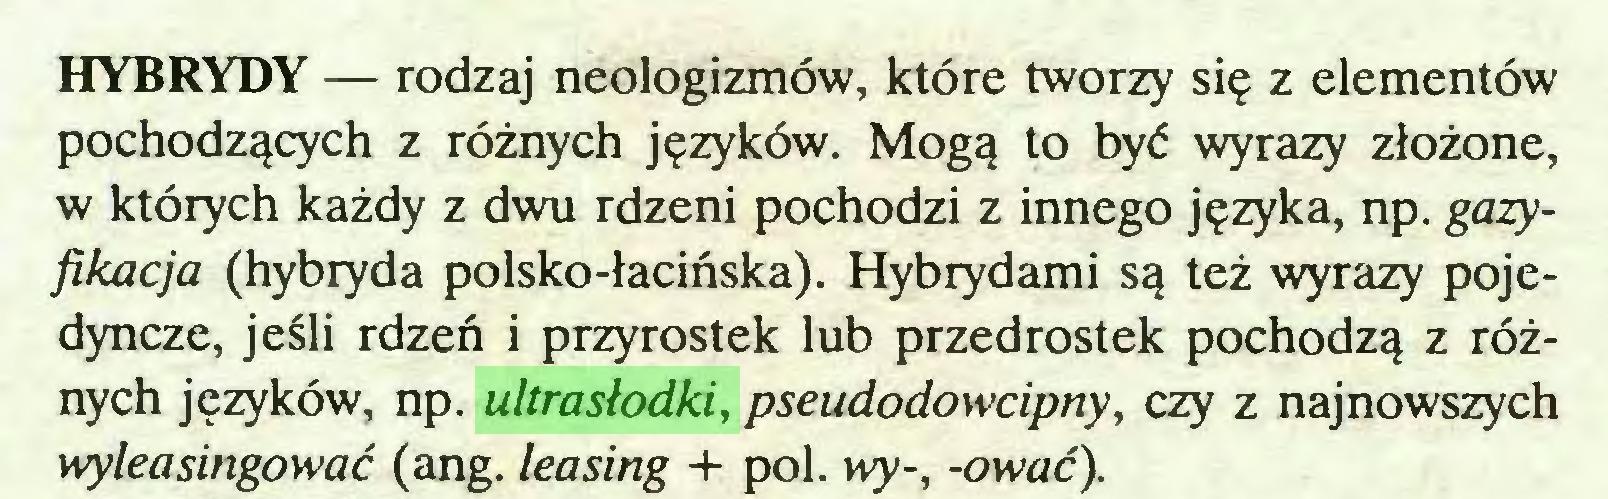 (...) HYBRYDY — rodzaj neologizmów, które tworzy się z elementów pochodzących z różnych języków. Mogą to być wyrazy złożone, w których każdy z dwu rdzeni pochodzi z innego języka, np. gazyfikacja (hybryda polsko-łacińska). Hybrydami są też wyrazy pojedyncze, jeśli rdzeń i przyrostek lub przedrostek pochodzą z różnych języków, np. ultrasłodki, pseudodowcipny, czy z najnowszych wyleasingować (ang. leasing + poi. wy-, -ować)...